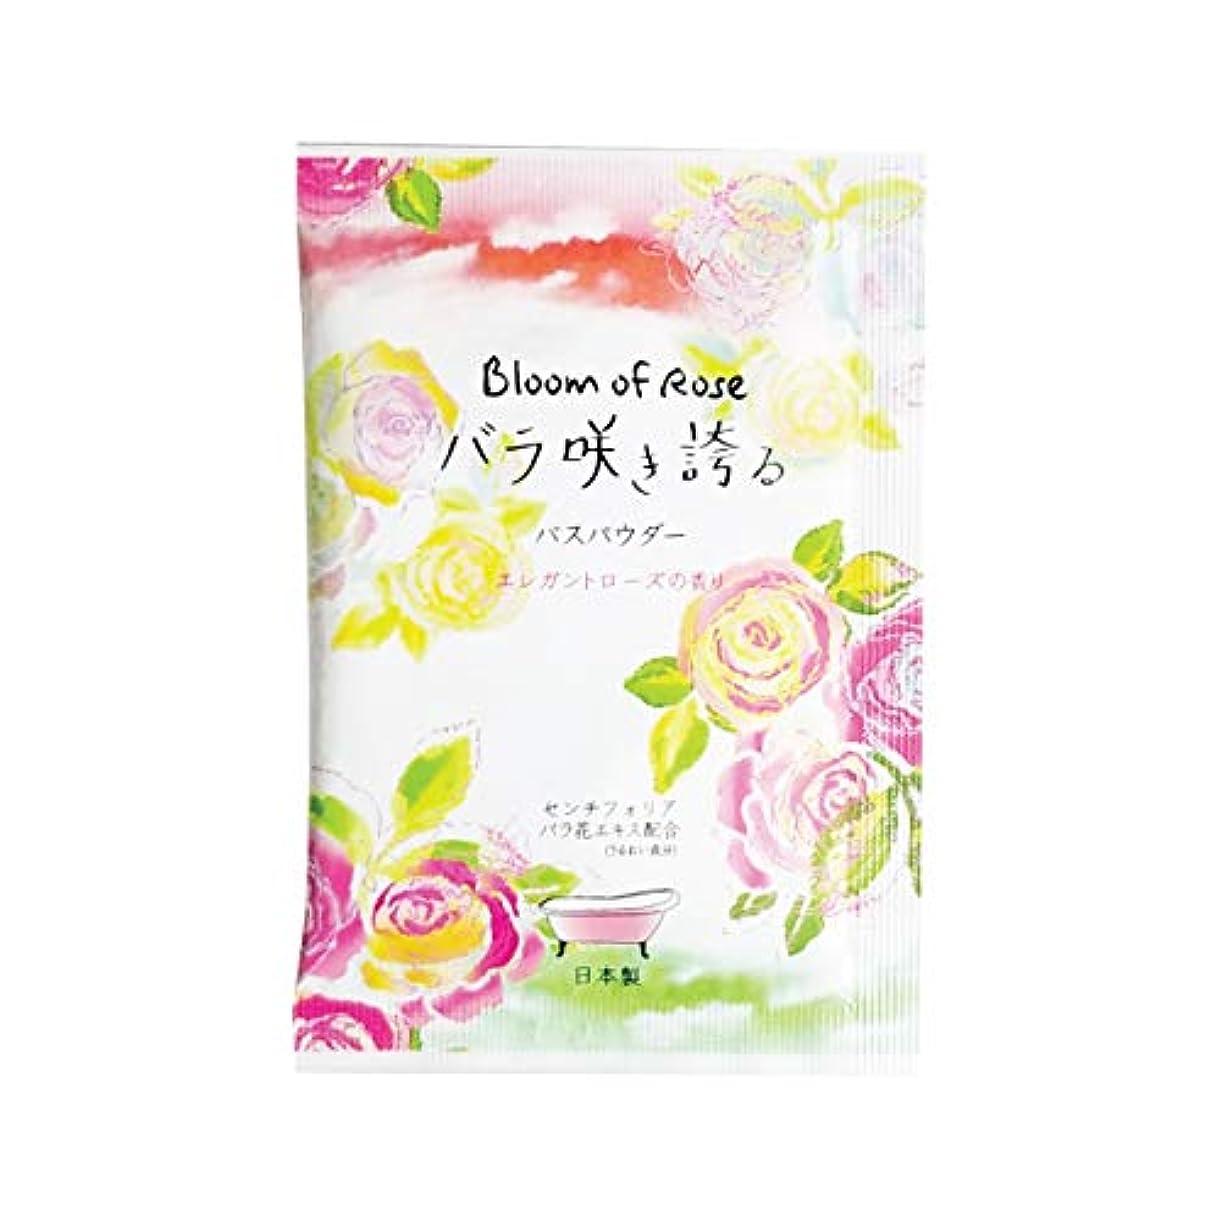 シリンダーアルミニウム素人Bloom of Rose バラ咲き誇る入浴剤 200個